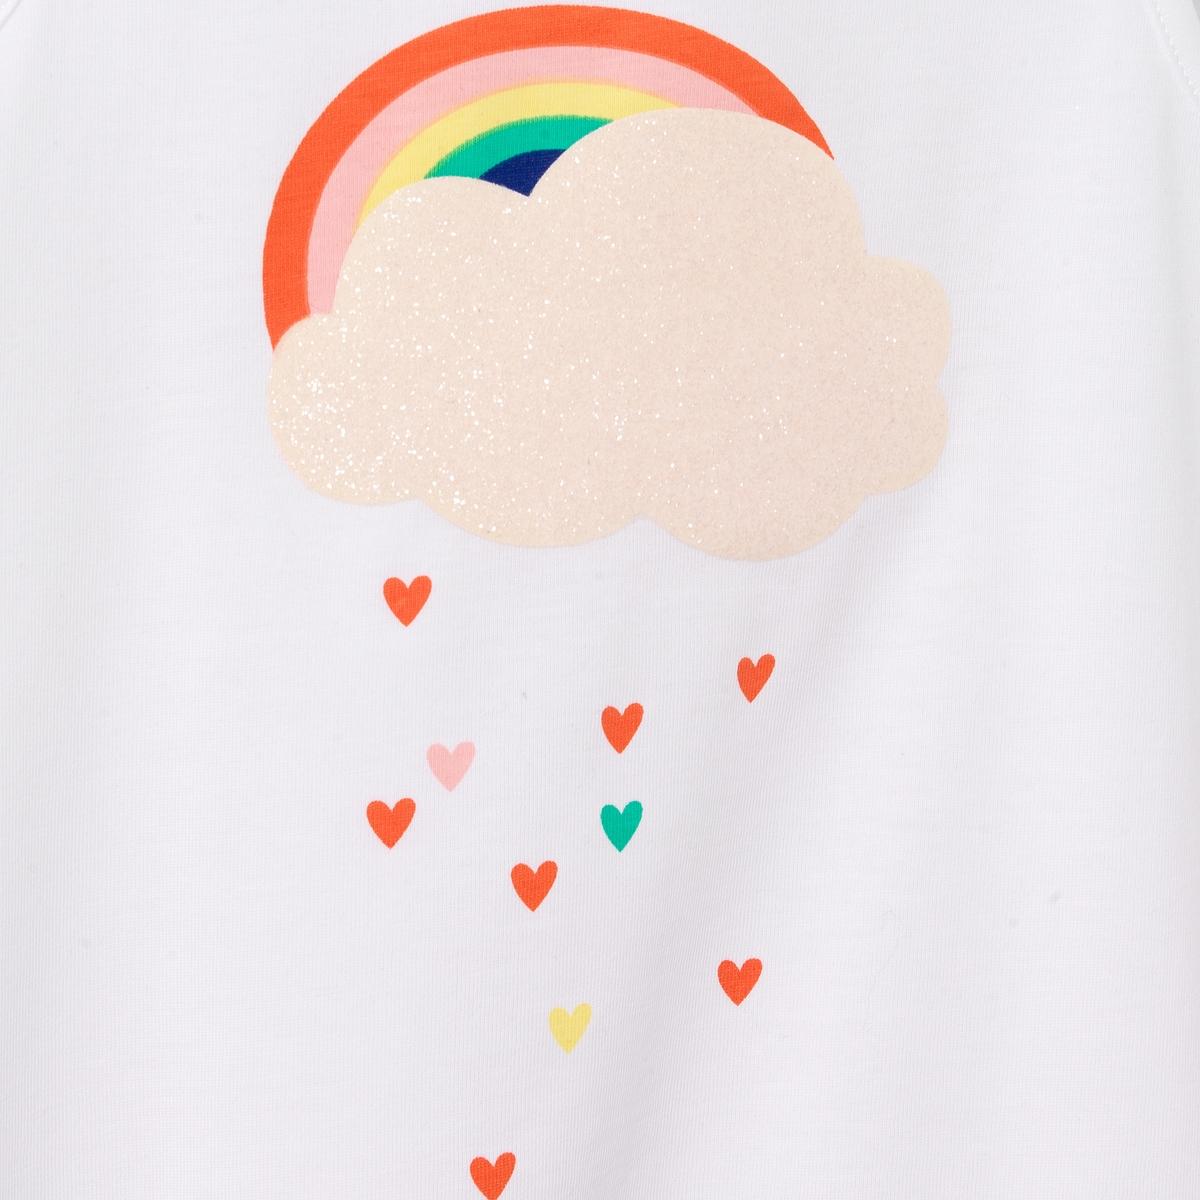 Топ с рисунком радуга, 3-12 летТоп с рисунком радуга и небо с блестками. Круглый вырез. Бант на плече. Прямой покрой.Состав и описание : Материал          100% хлопокМарка          abcdRУход :Машинная стирка при 40 °C с вещами схожих цветовСтирать и гладить с изнаночной стороныСухая чистка и машинная сушка запрещеныГладить при низкой температуре<br><br>Цвет: белый<br>Размер: 3 года - 94 см.5 лет - 108 см